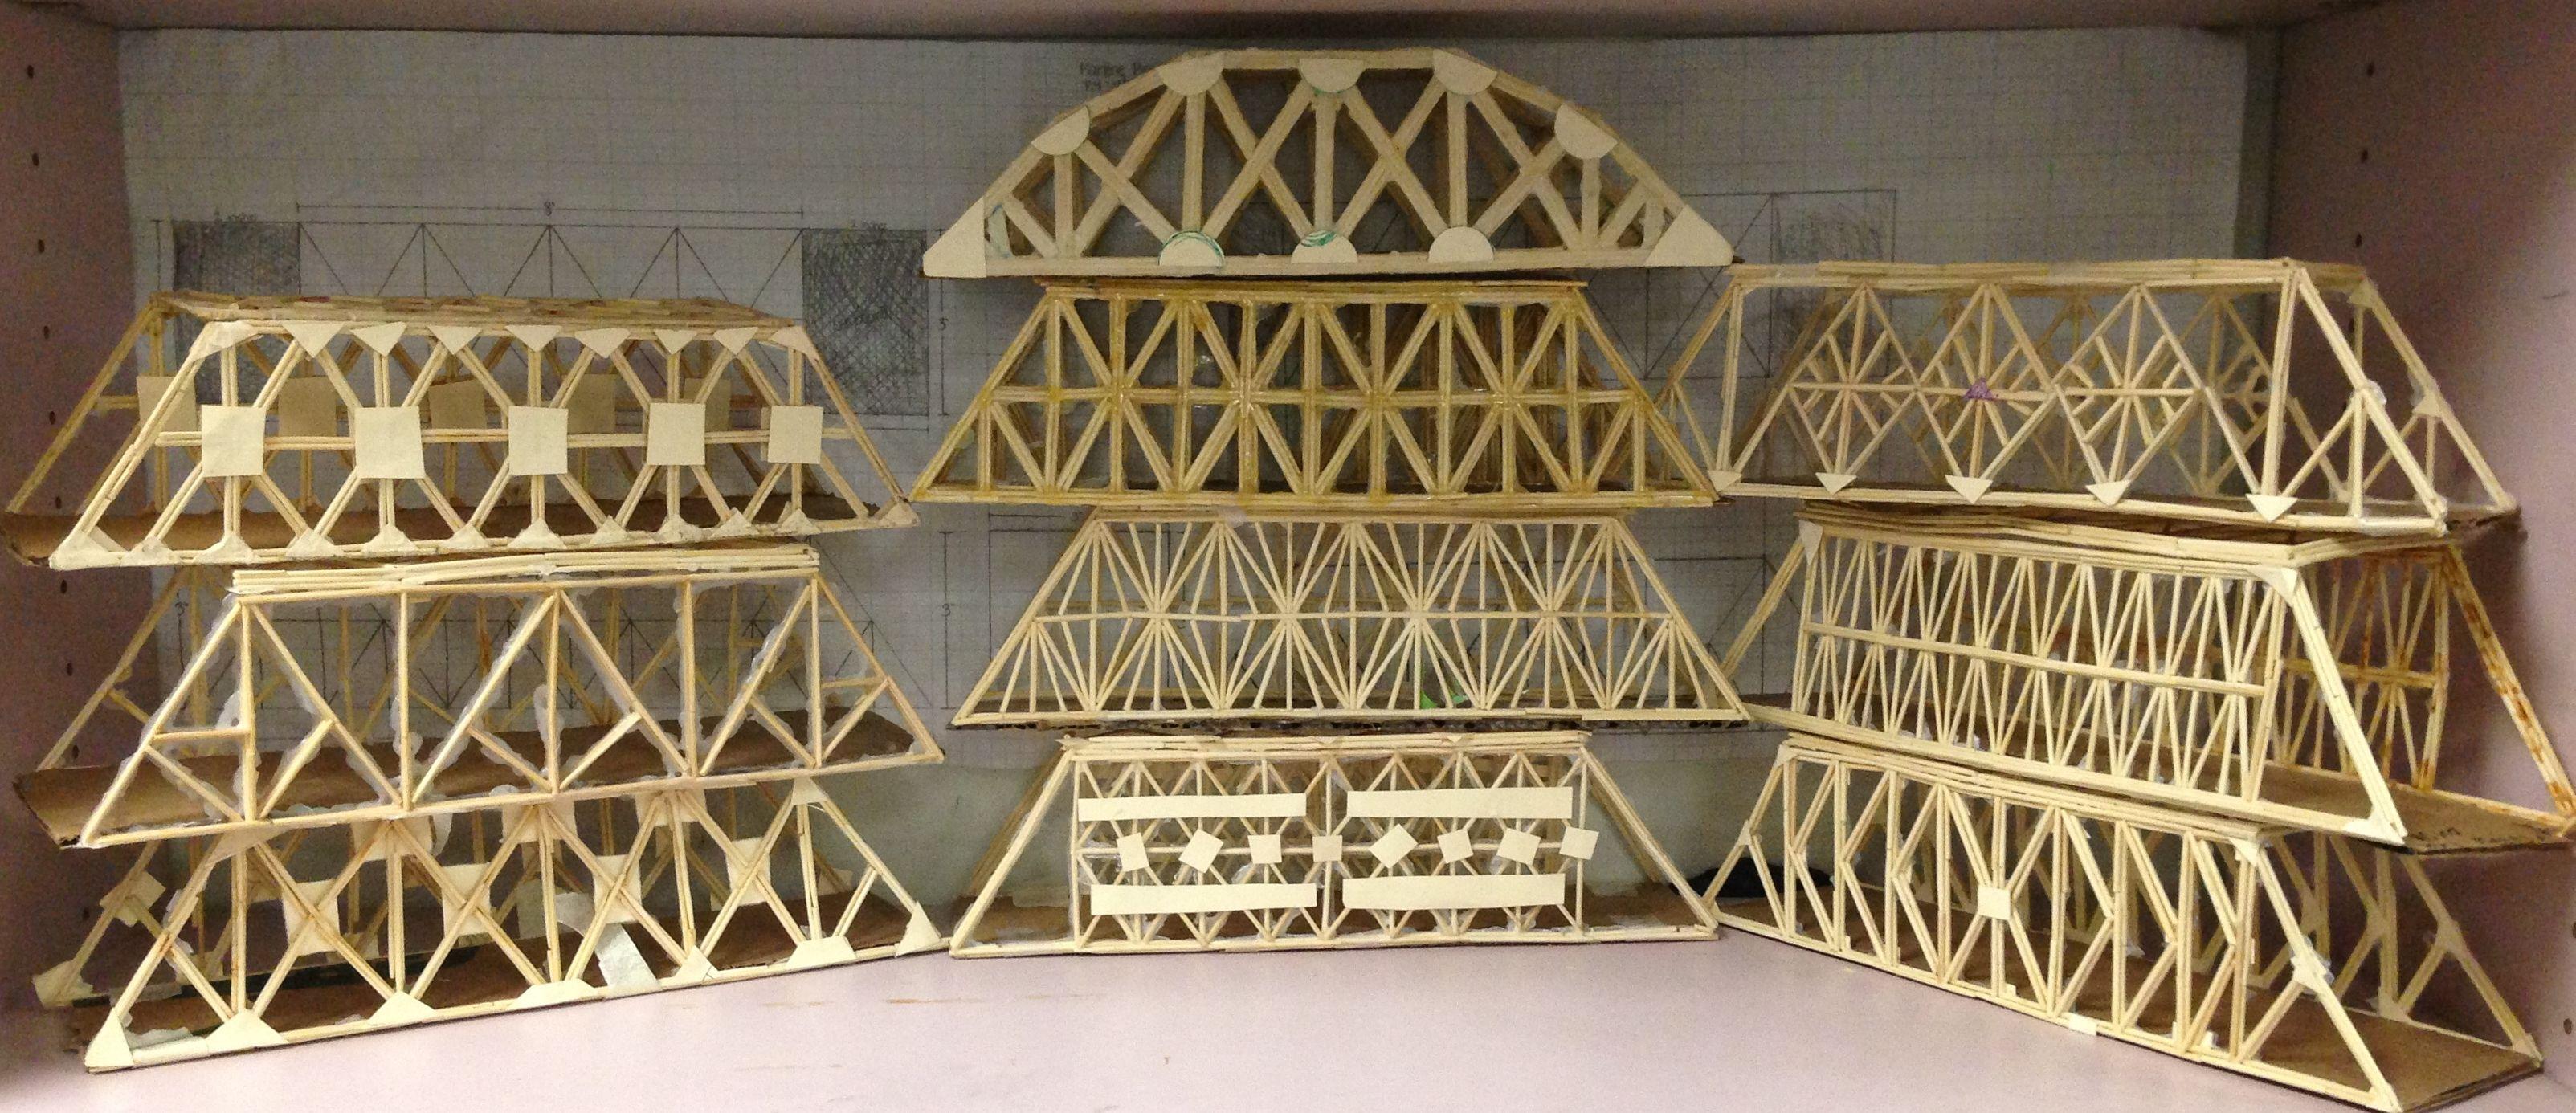 Strongest Bridge Design In The World Bridge Design Truss Bridge